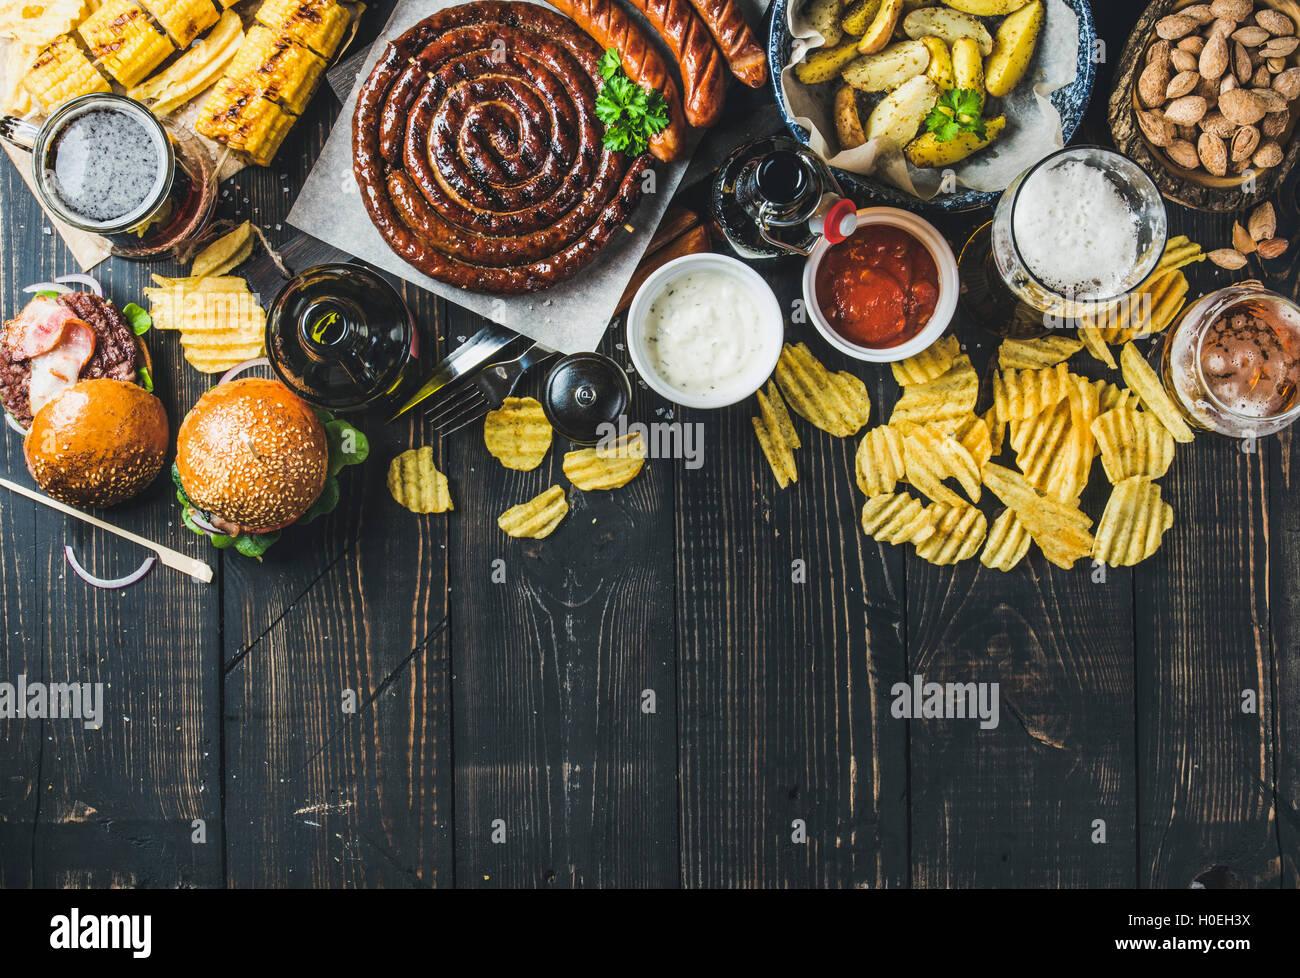 Cerveza y aperitivo. Oktoberfest alimentos concepto de cuadro. Vatiety de cervezas, salchichas asadas, hamburguesas, Imagen De Stock